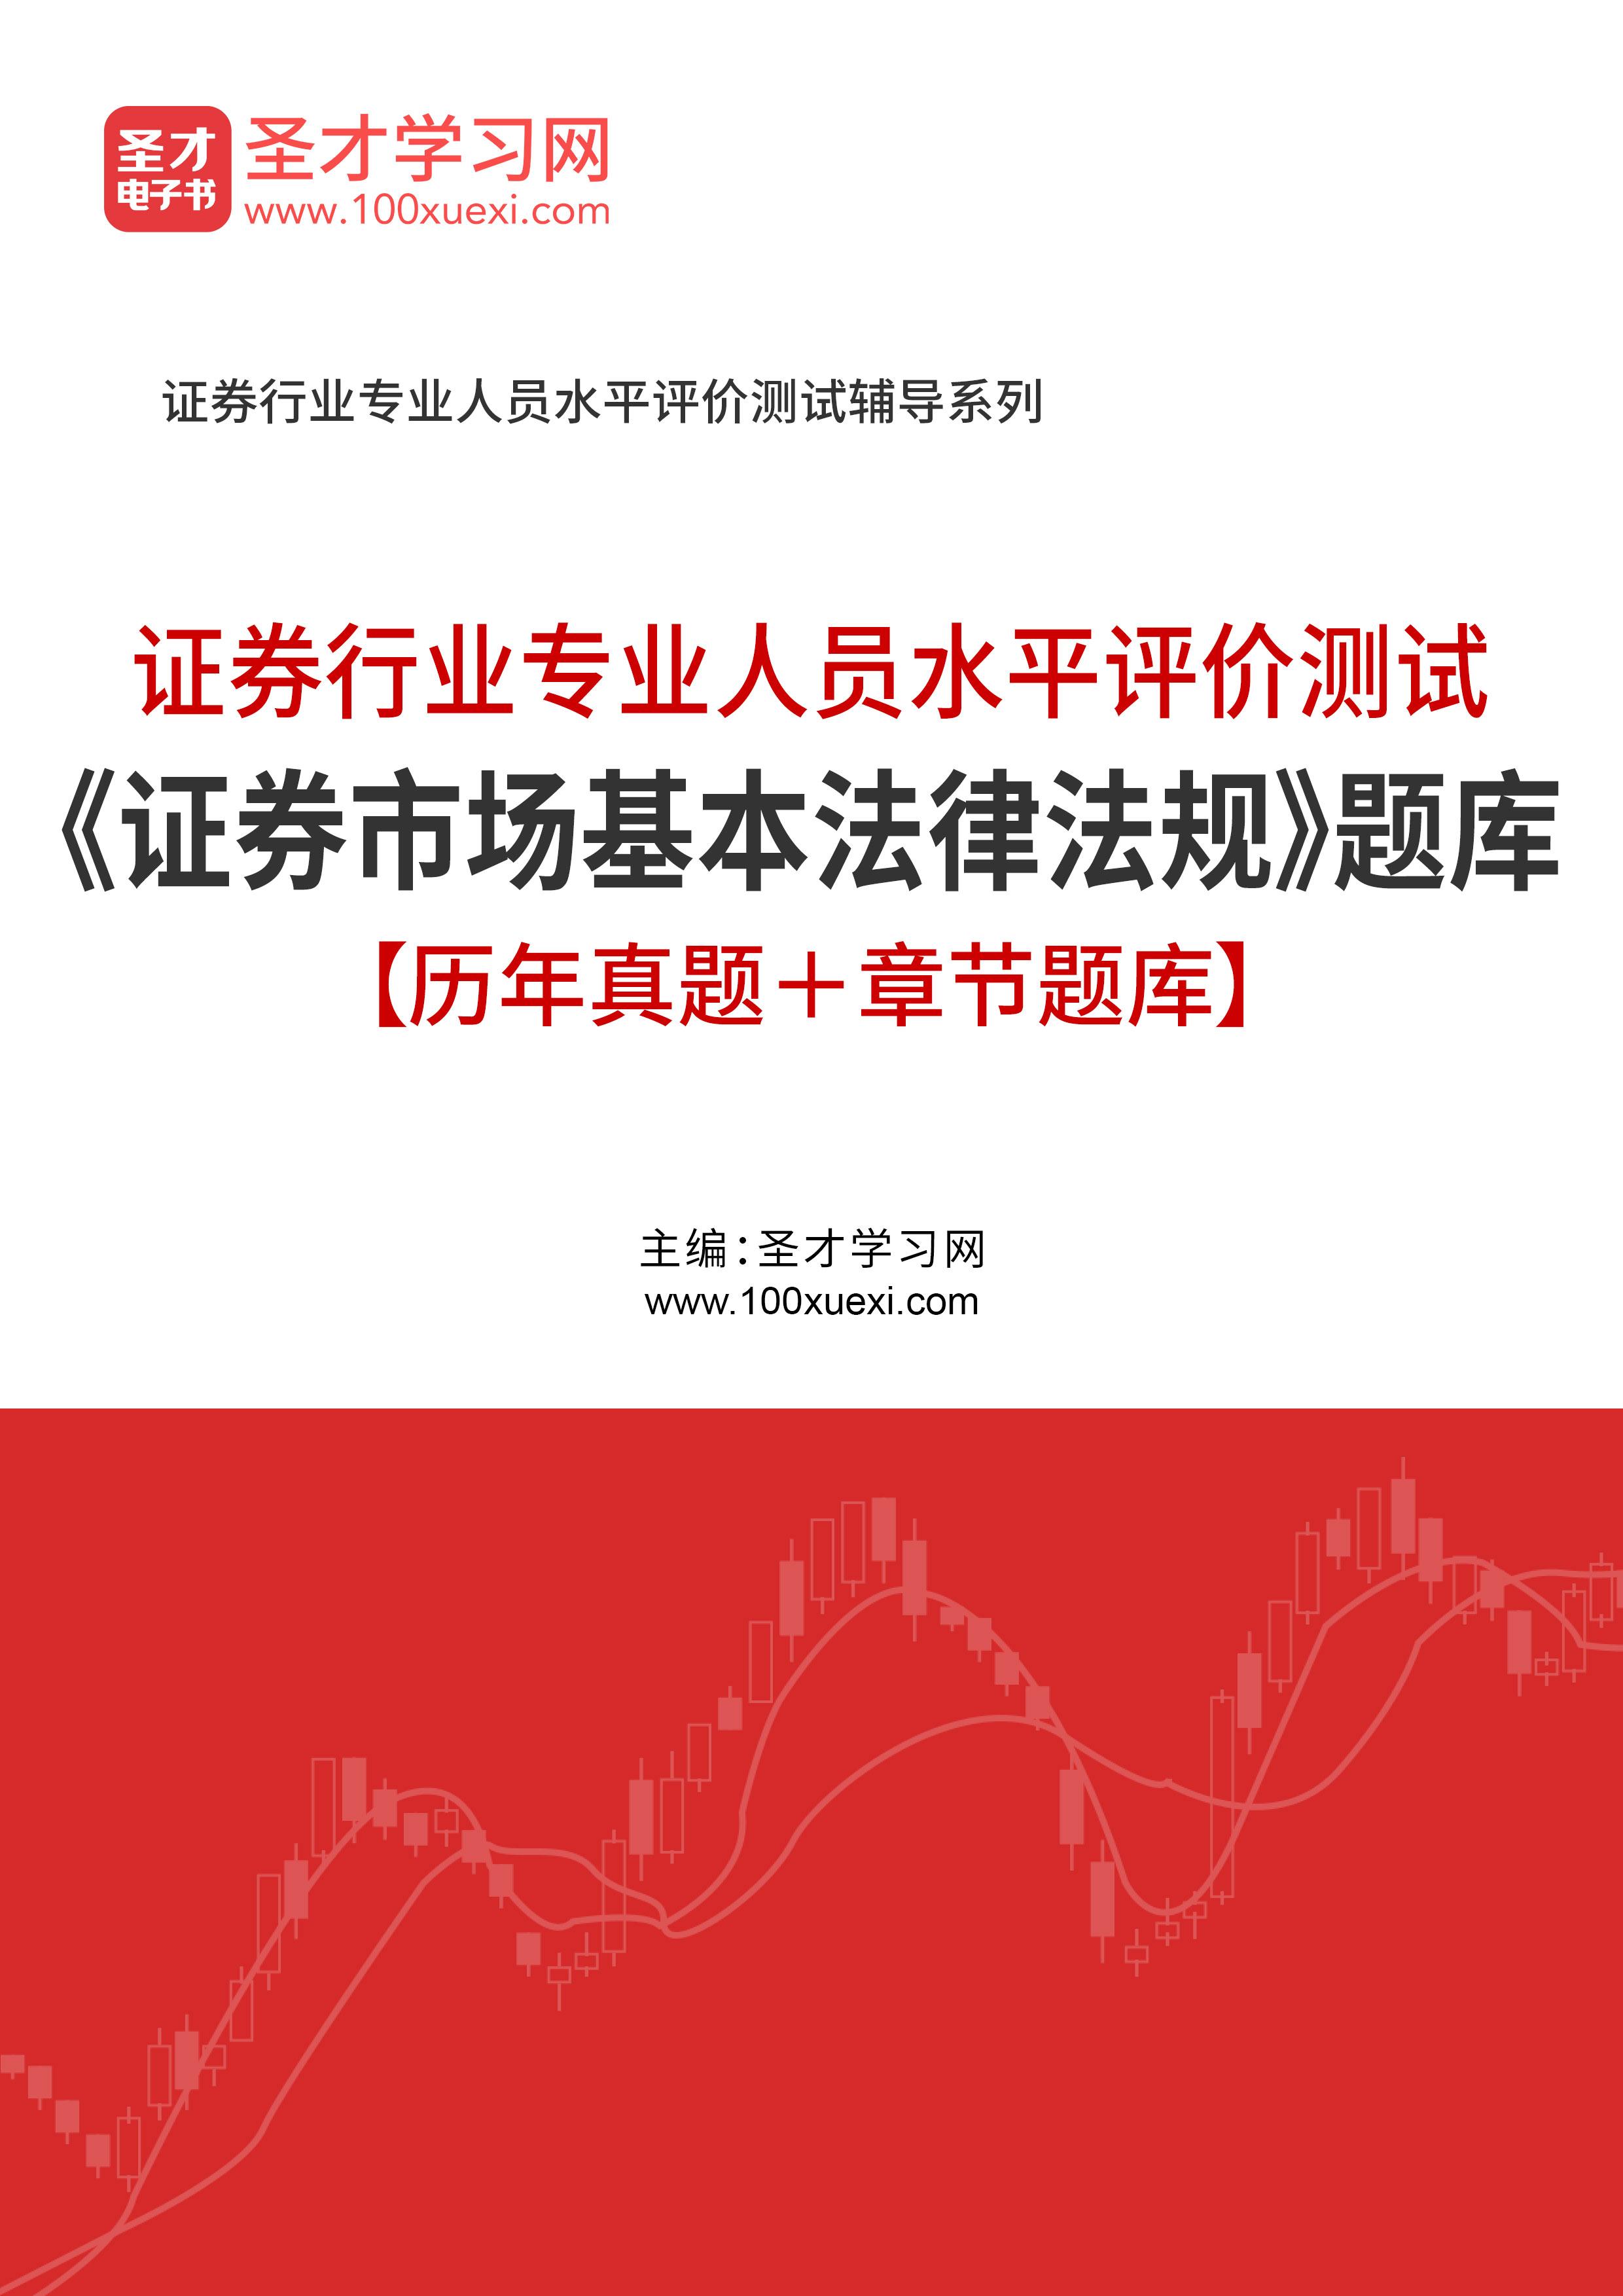 2021年證券從業資格考試《證券市場基本法律法規》題庫【歷年真題+章節題庫】